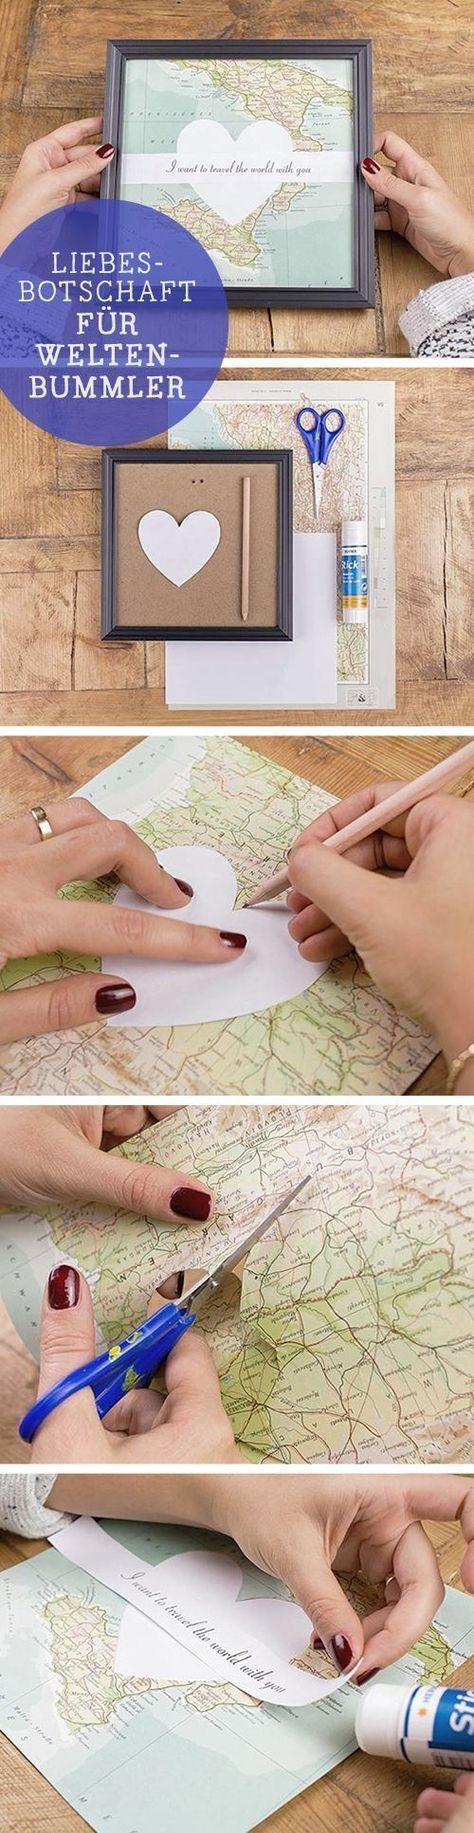 Kleines Geschenk fr Zwischendurch oder als Geburtstagsgeschenk  Liebesbotschaft fr Weltenbummler Landkarte  Cute Gift Idea for travel